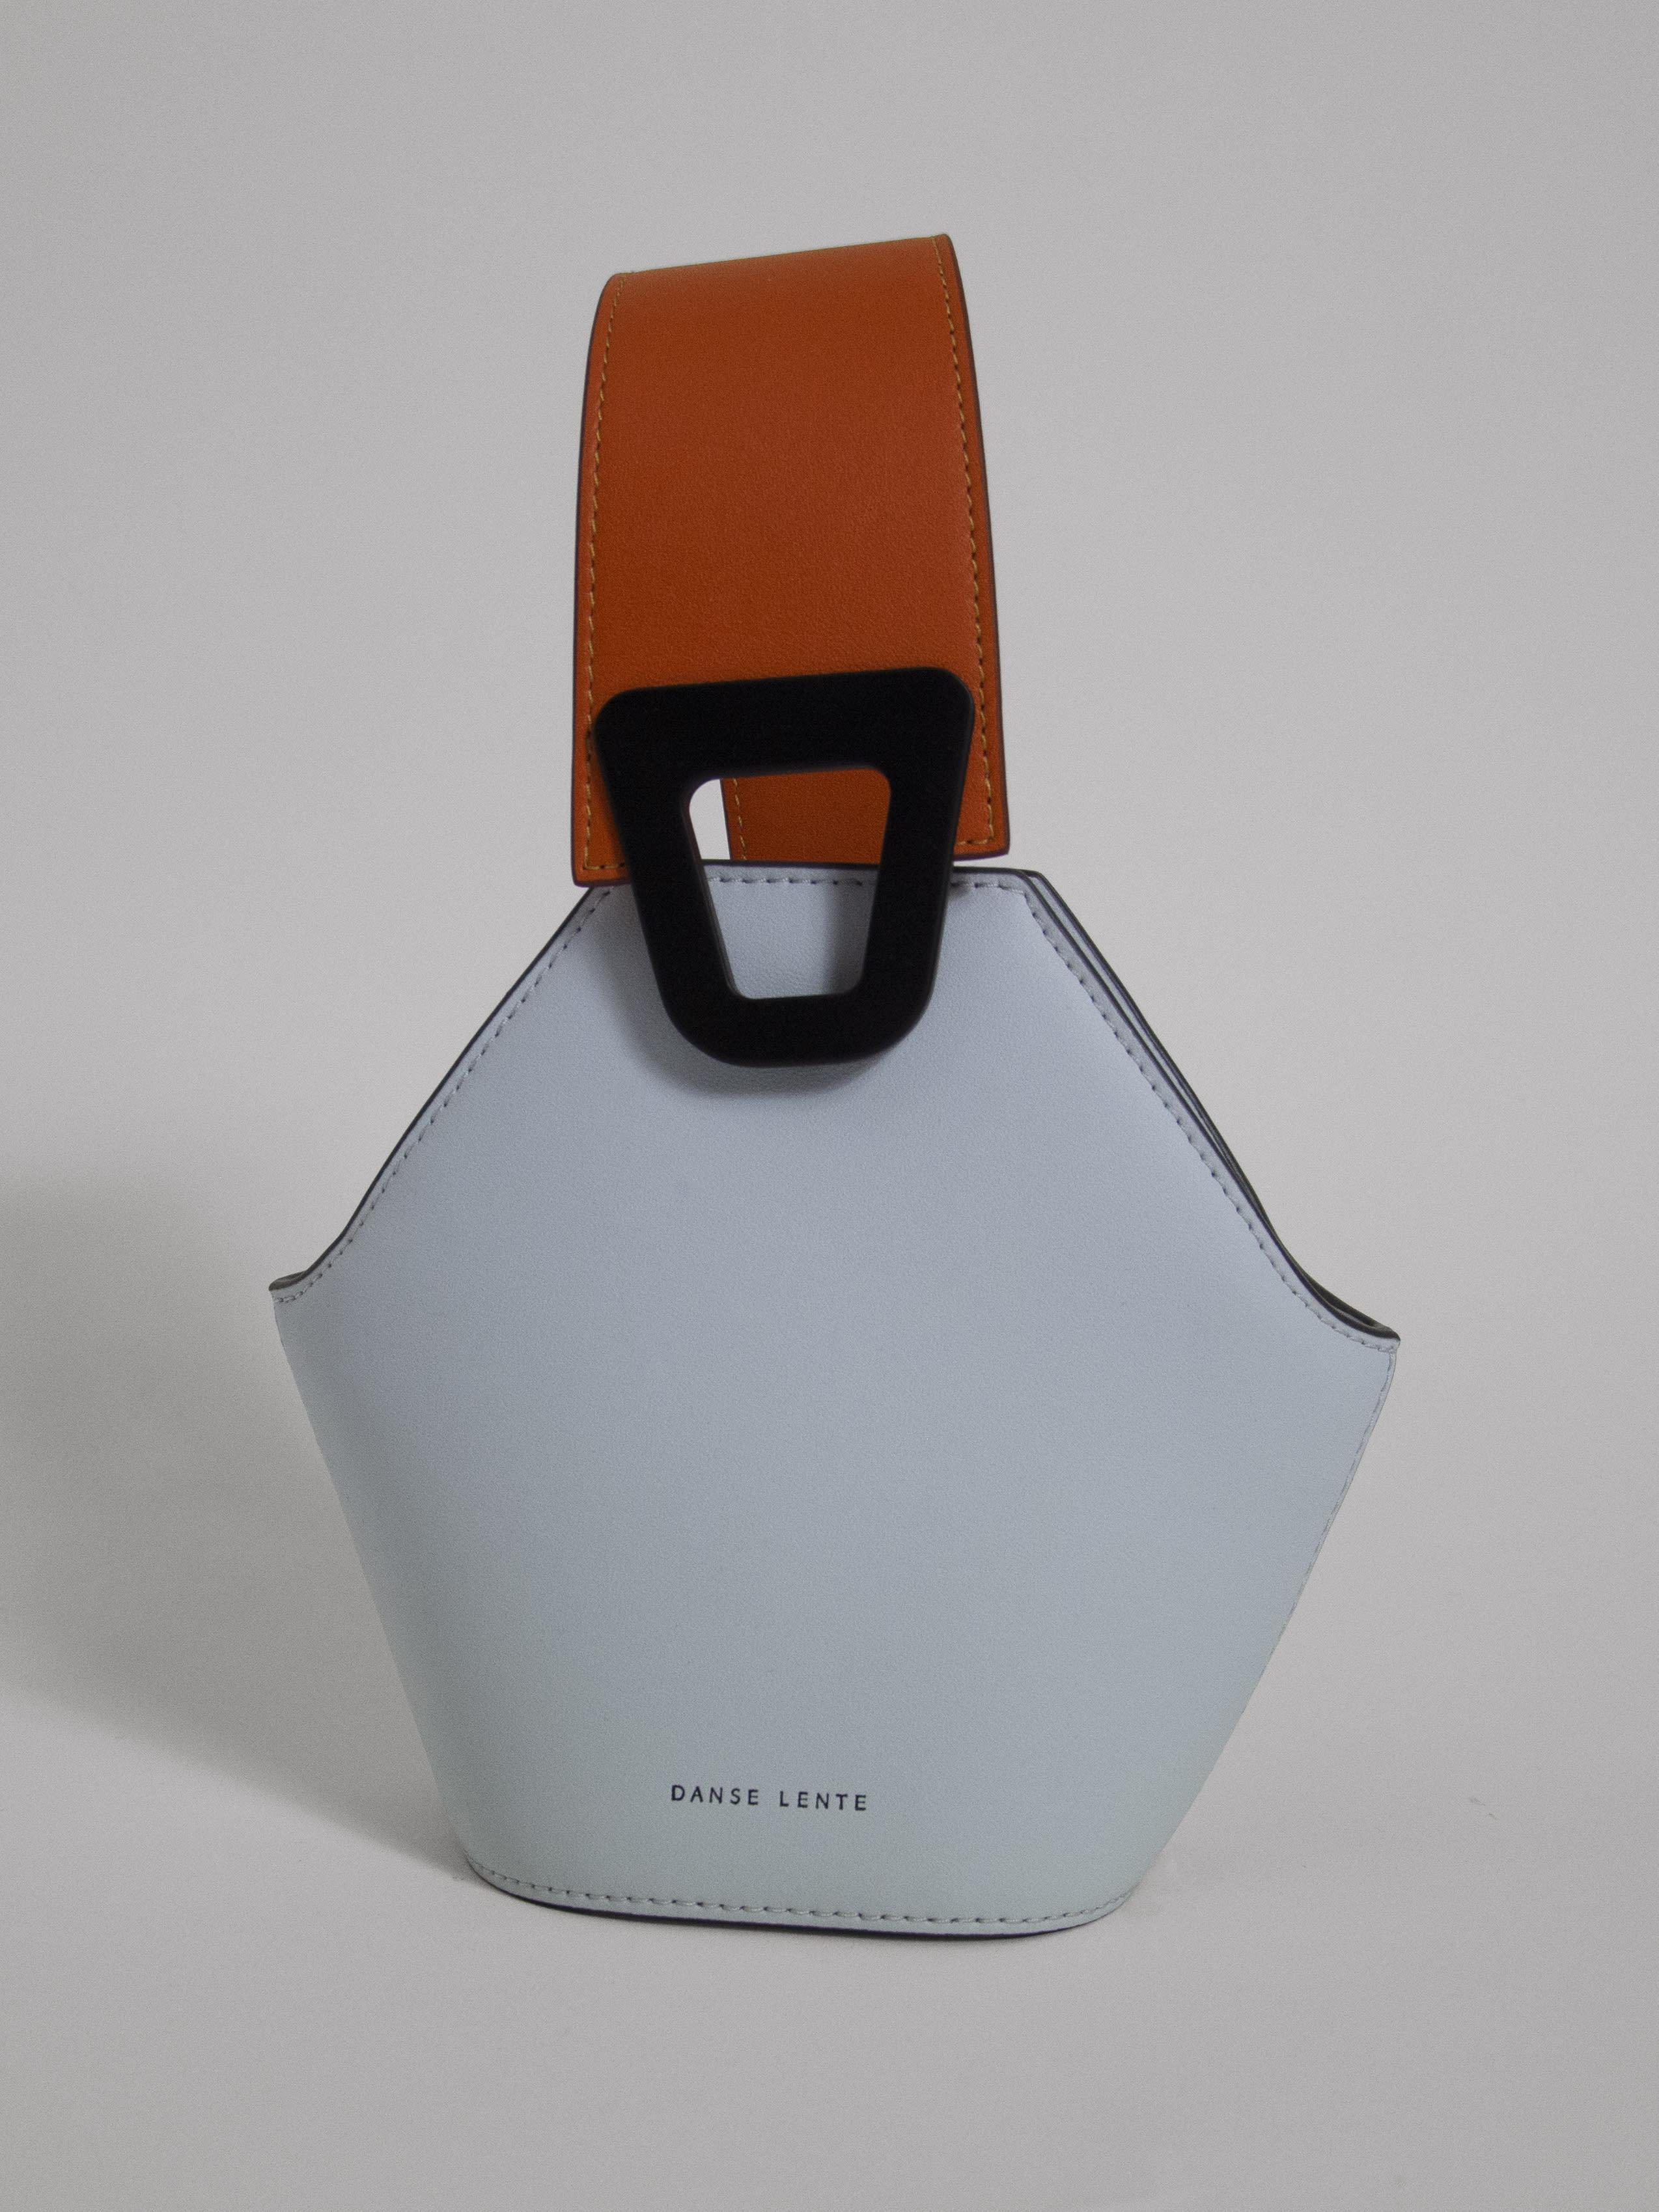 Packshot de Sac Seau Pastel par la marque Danse Lente